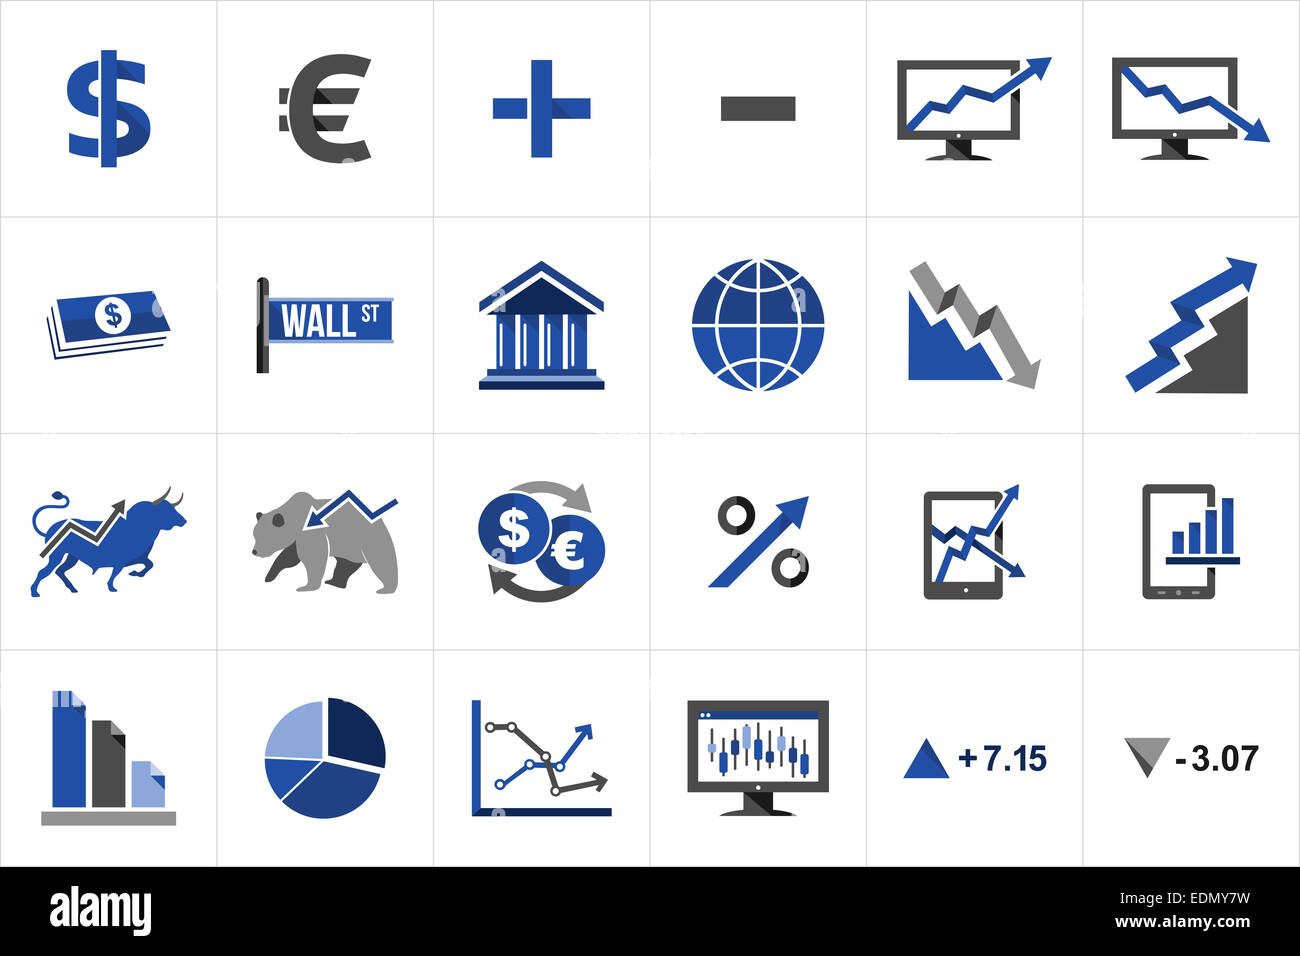 Bear Market Icon Symbol Vector Stock Photos Bear Market Icon